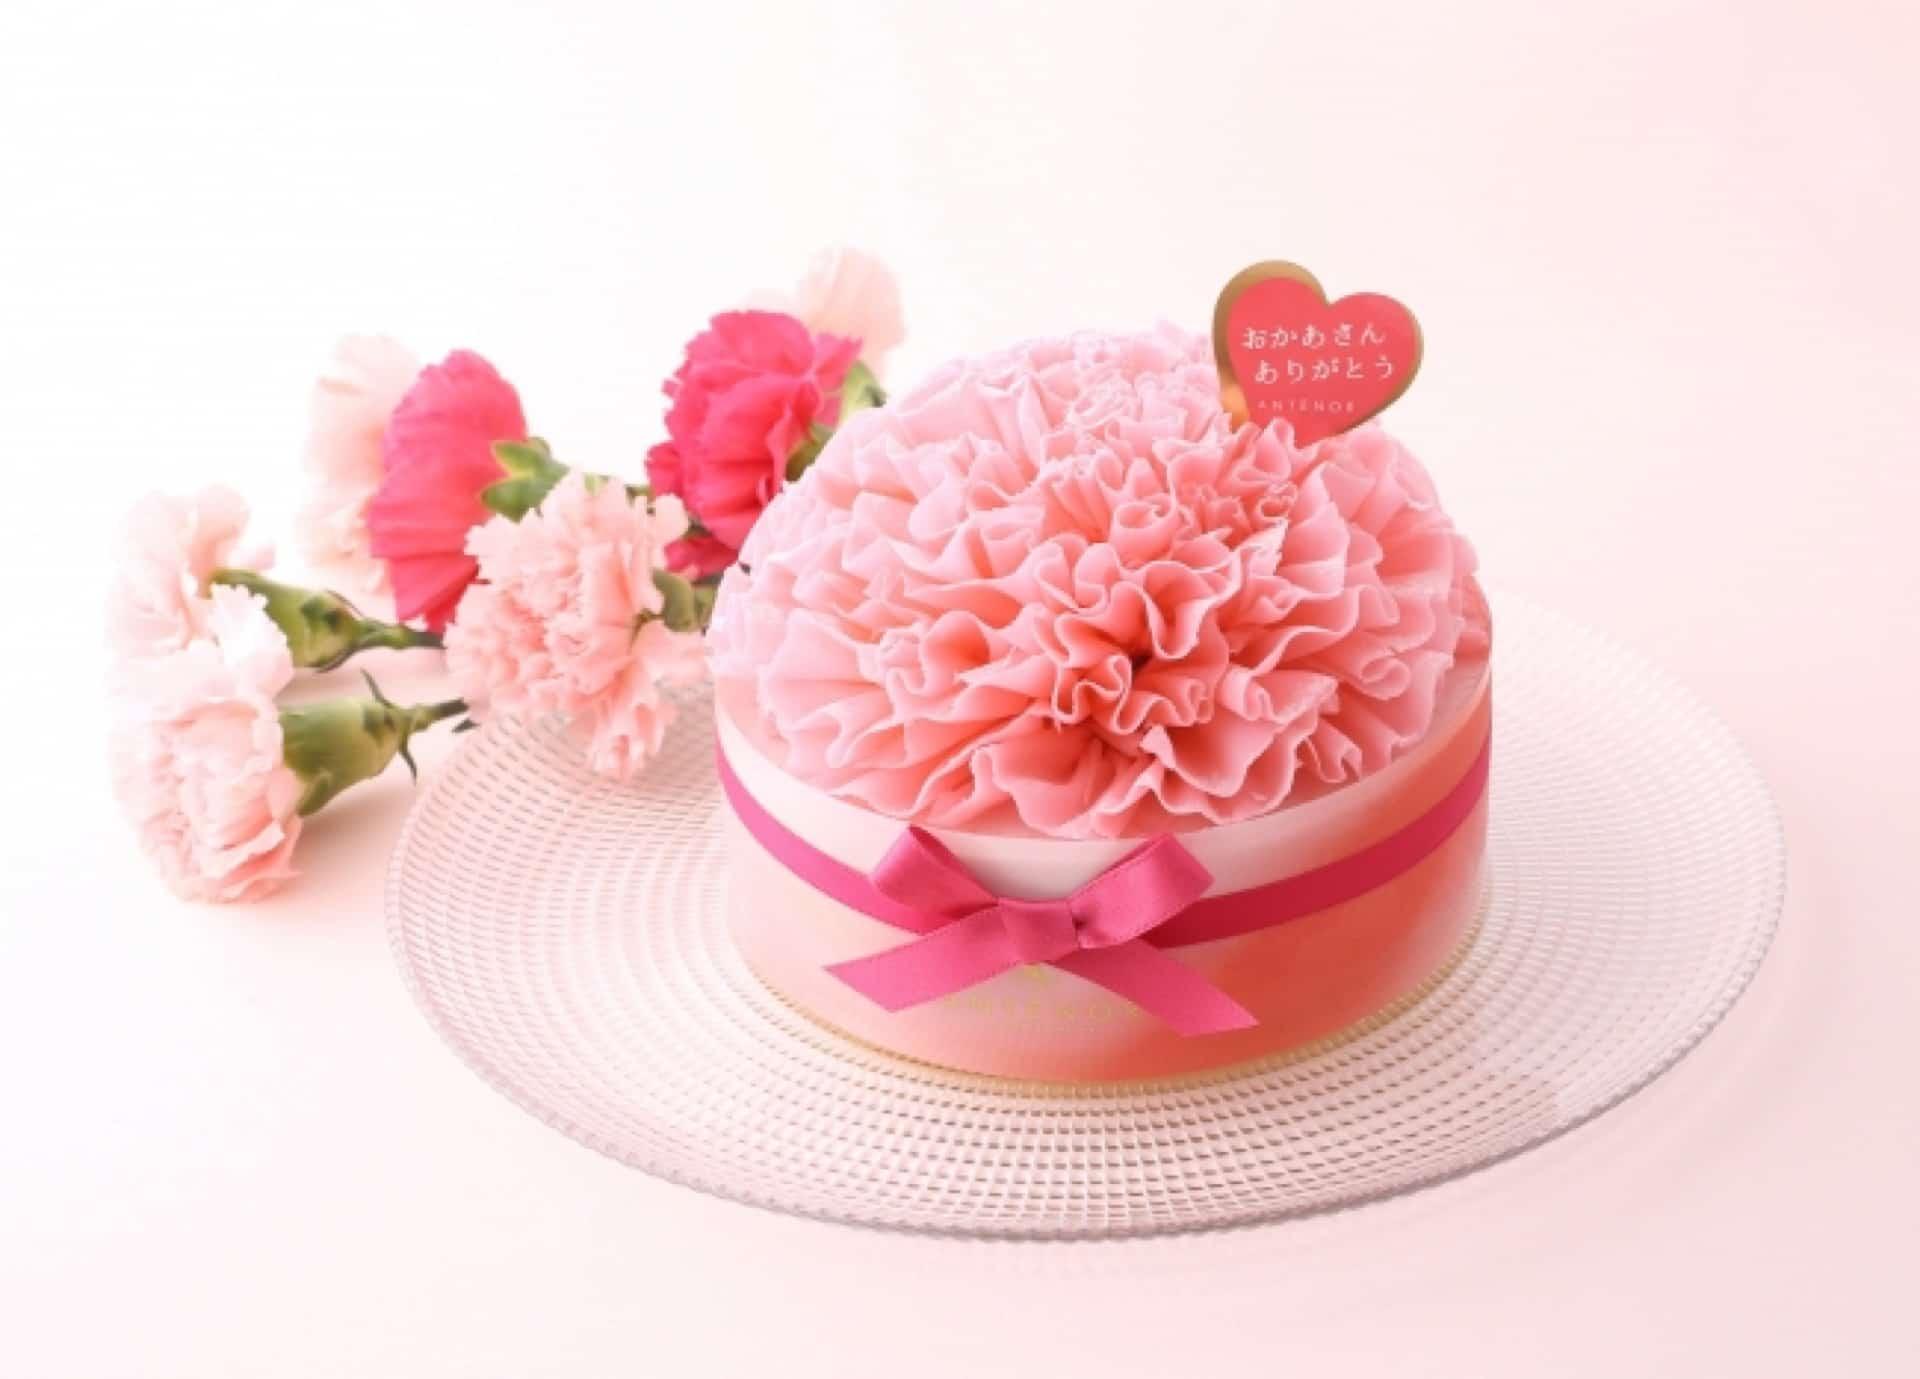 """母の日に、アンテノールのケーキを。""""まるでカーネーション""""な美しいケーキにうっとり"""